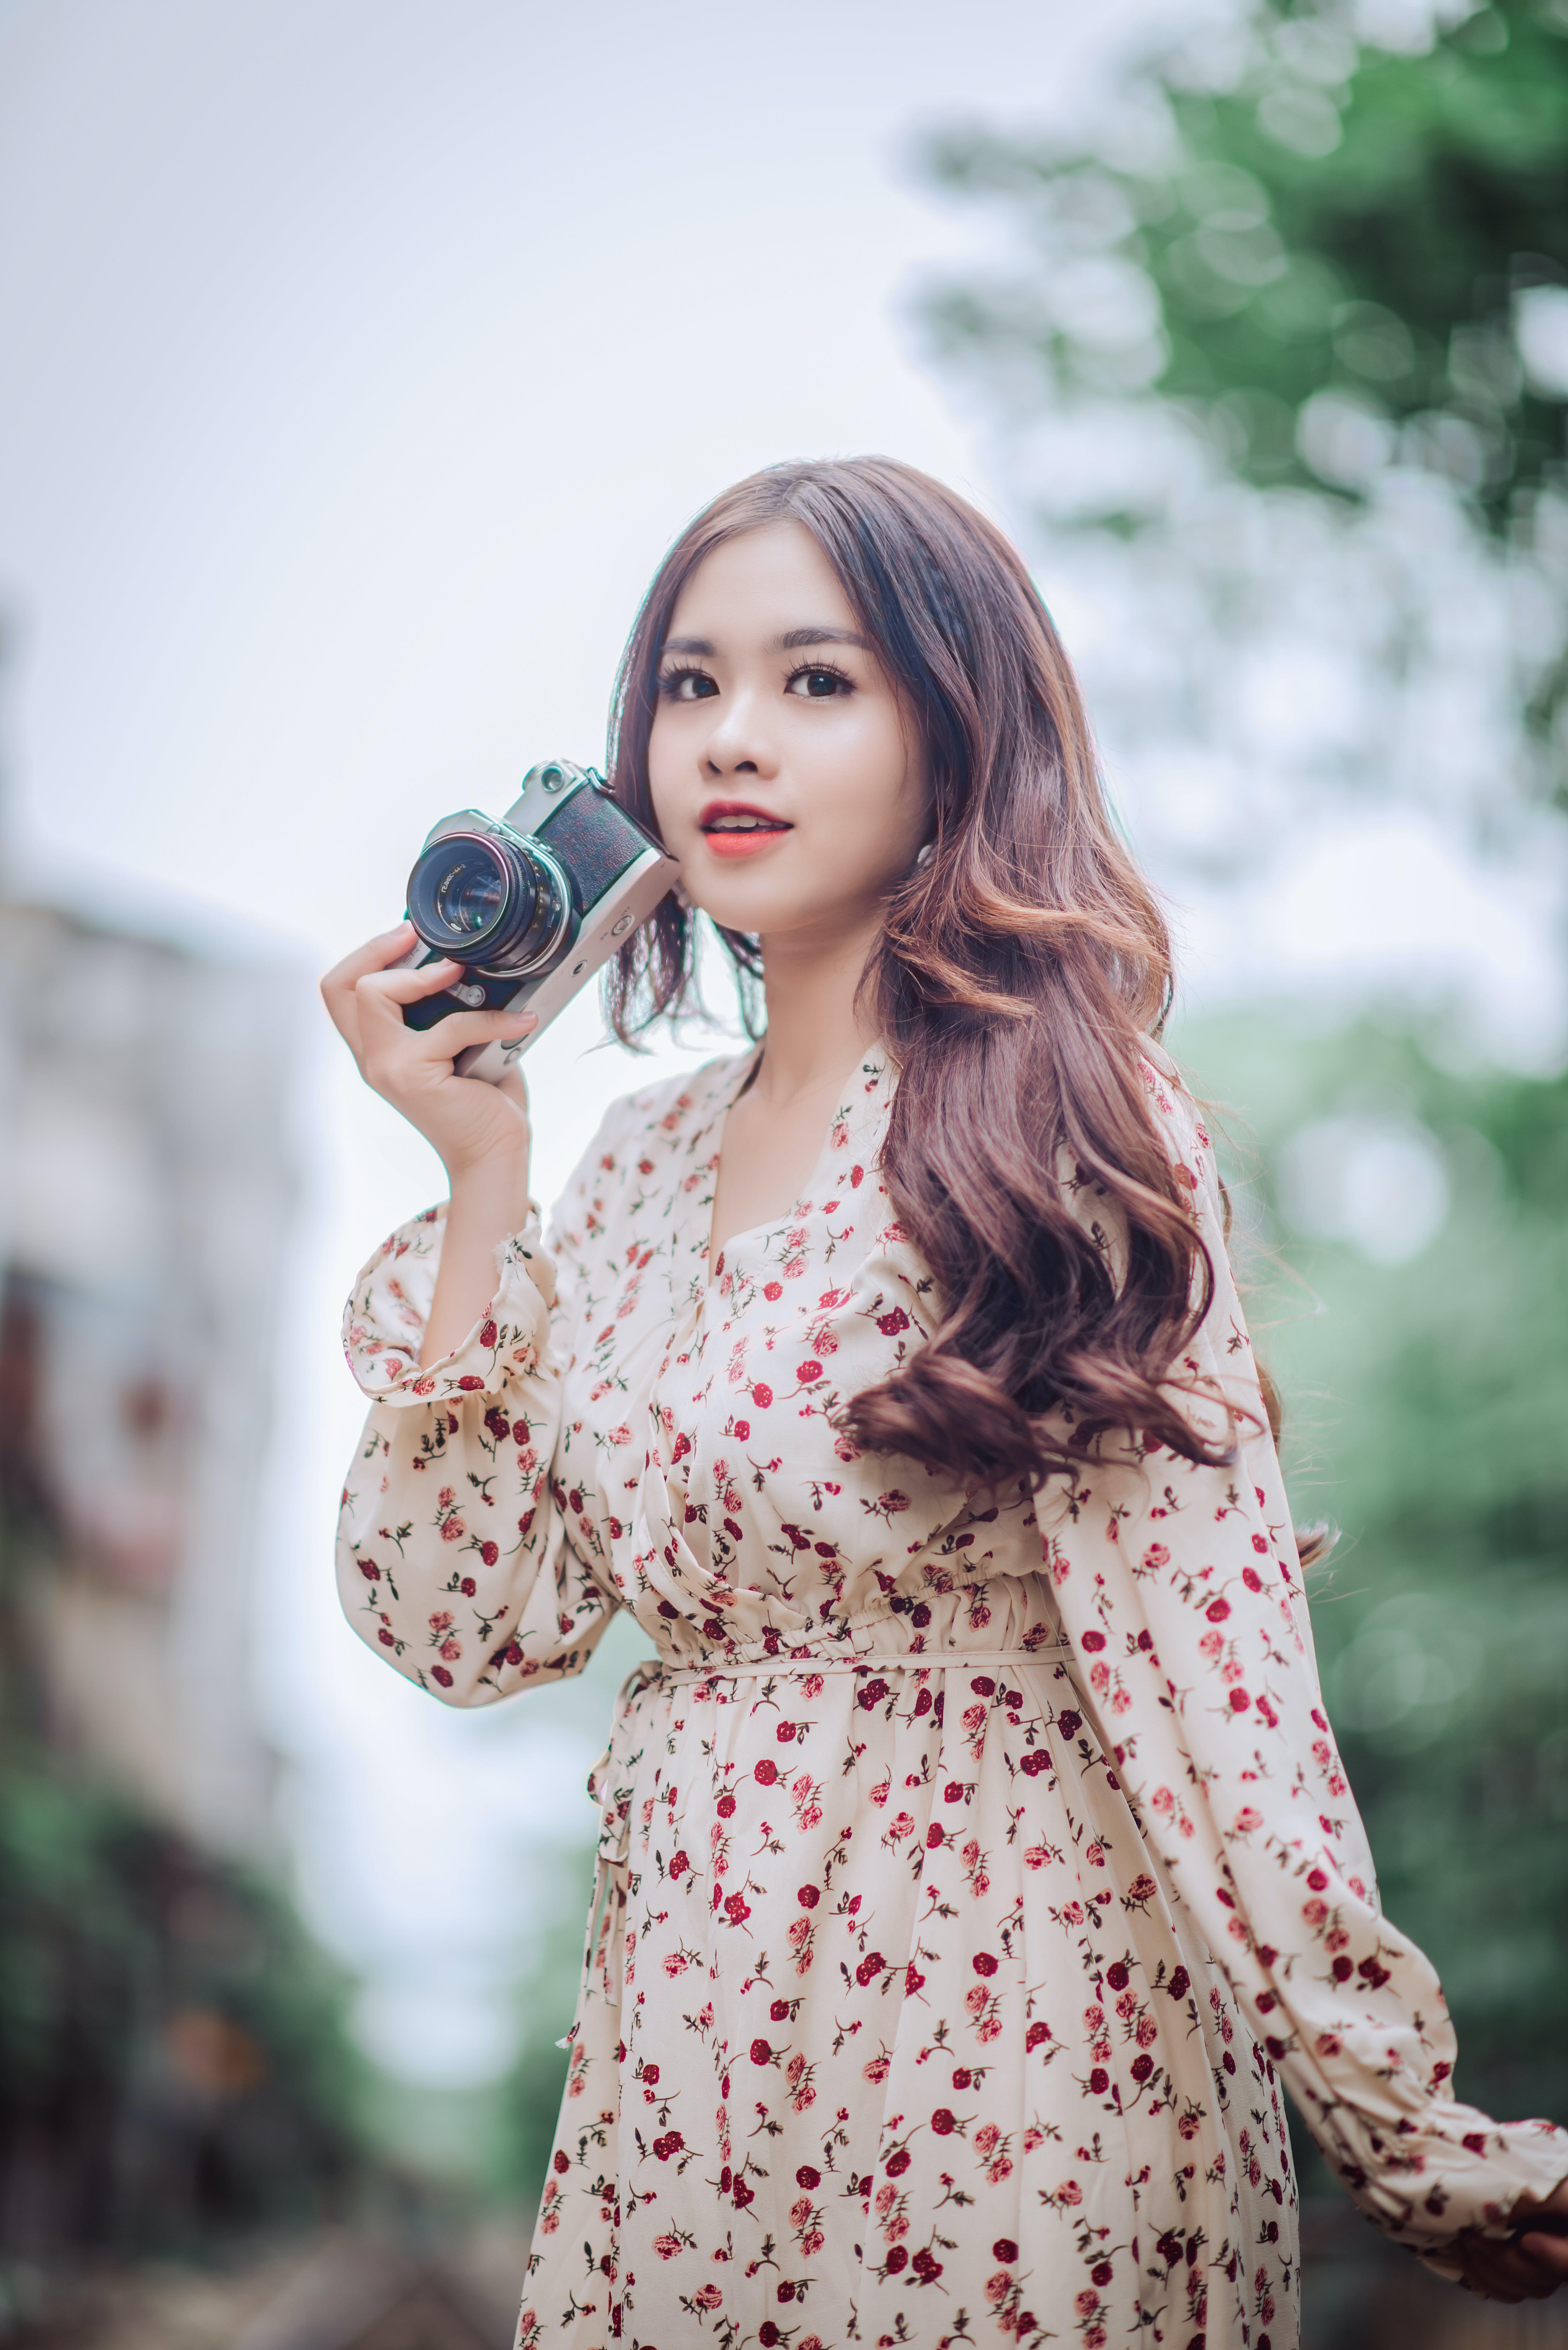 Foto d'estoc gratuïta de asiàtica, atractiu, bellesa, bonic